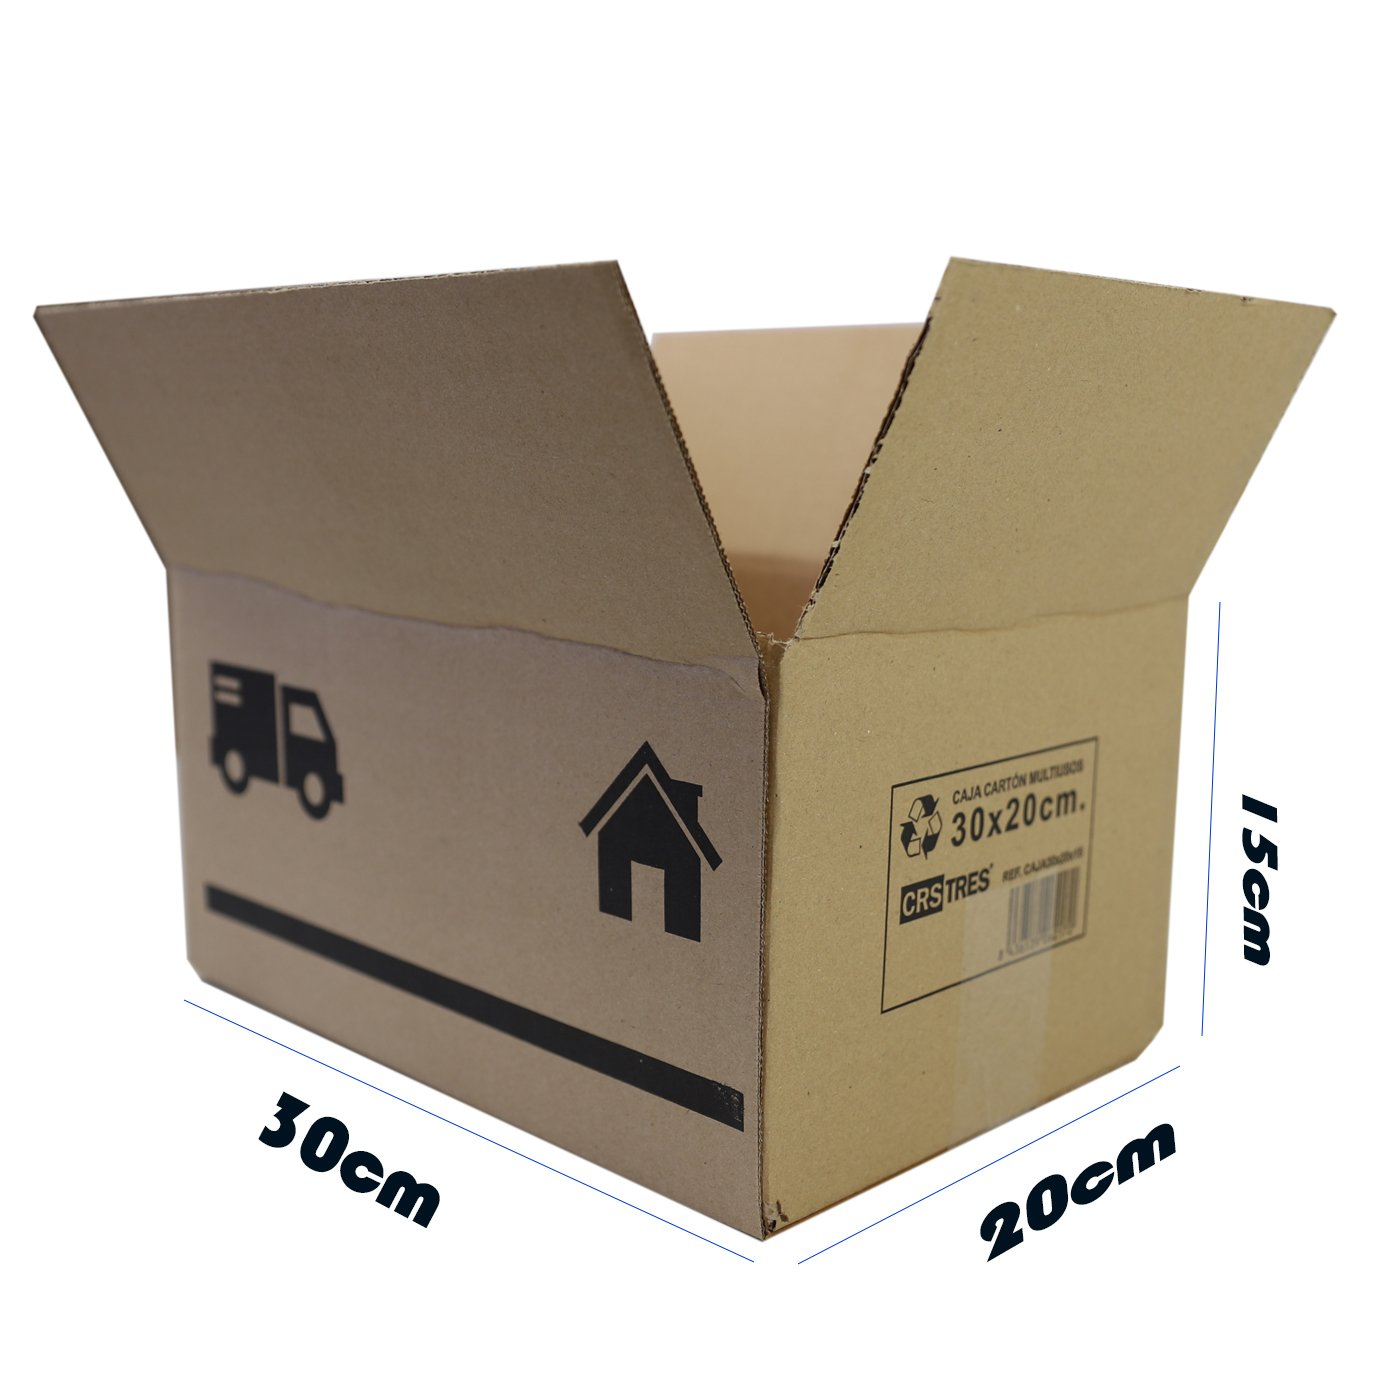 Cajas de Cartón Multiusos Pack de 15 Tamaño 300 x 200 x 150 mm - Mudanza - Embalaje - Almacenaje - Color Marrón: Amazon.es: Oficina y papelería